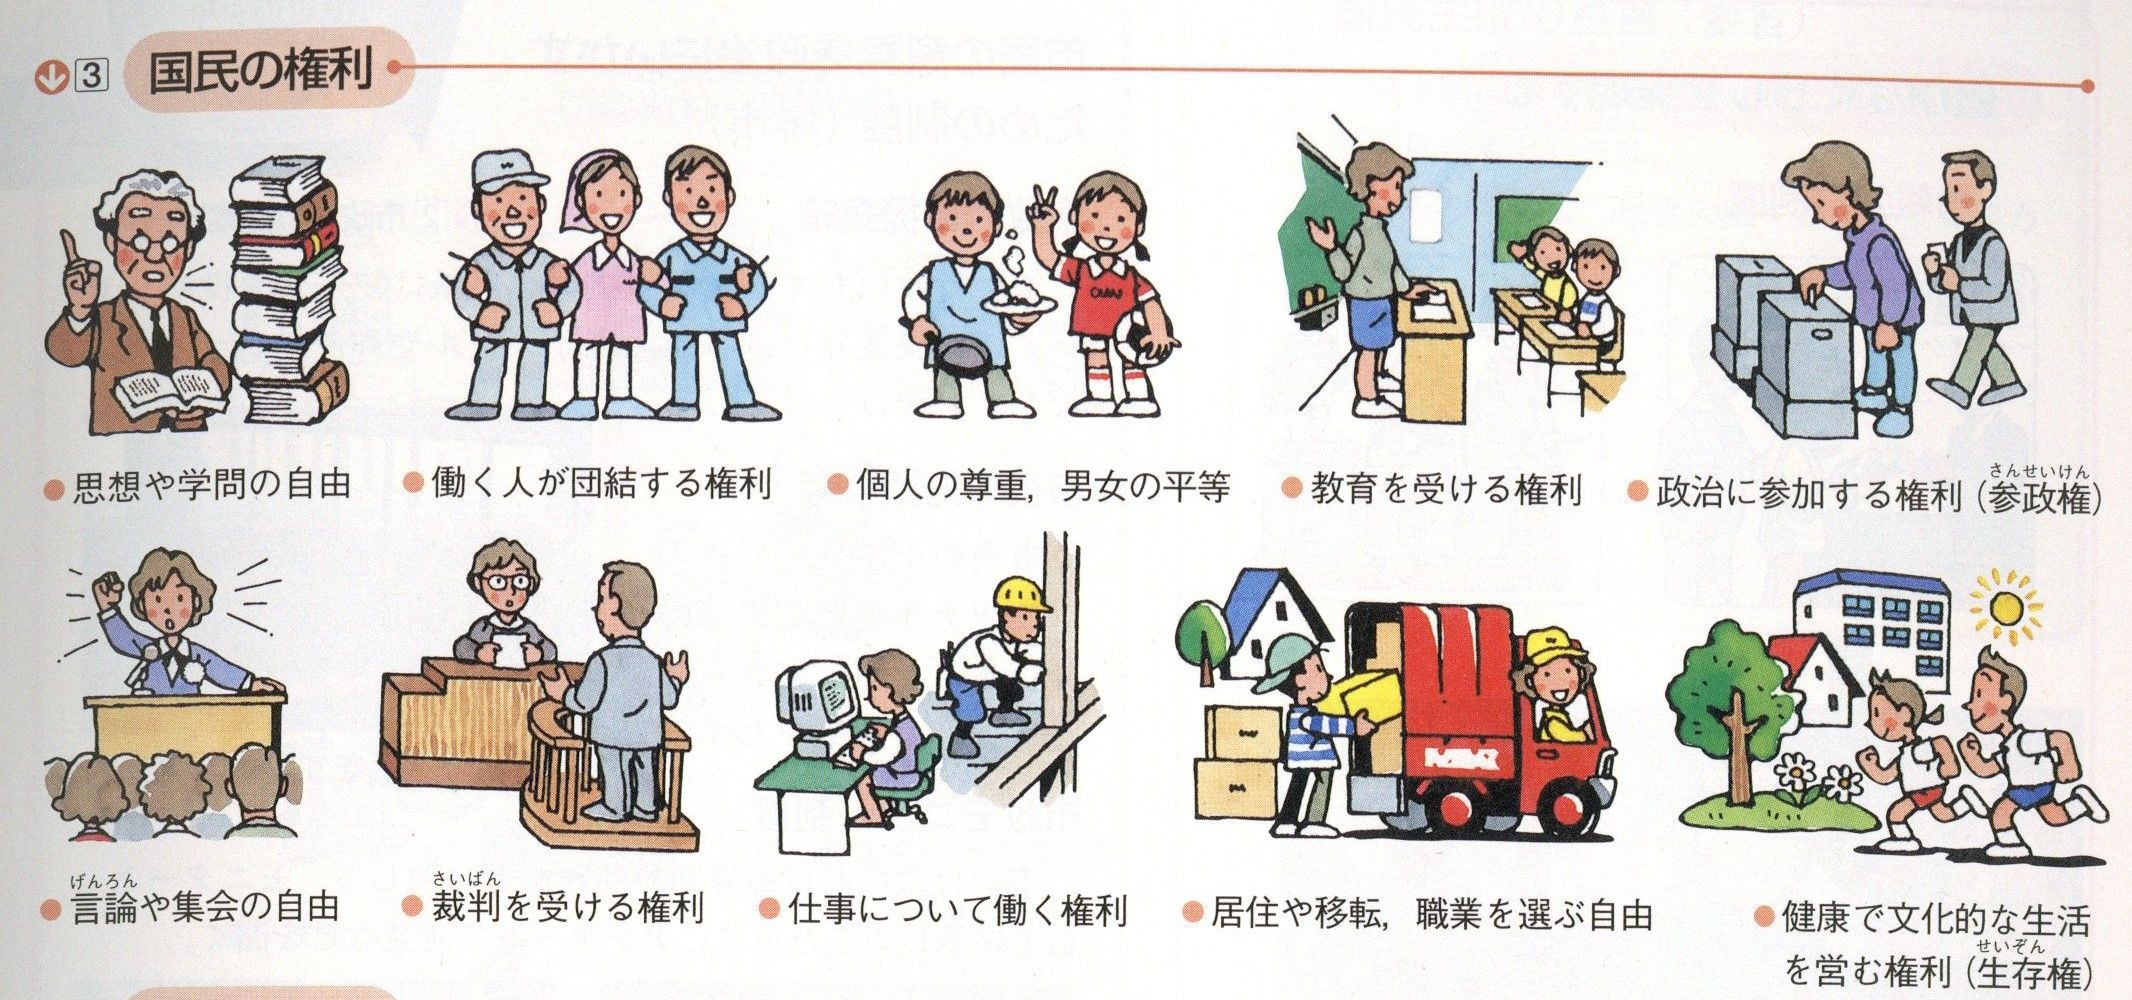 尊重 日本 人権 憲法 の 的 国 基本